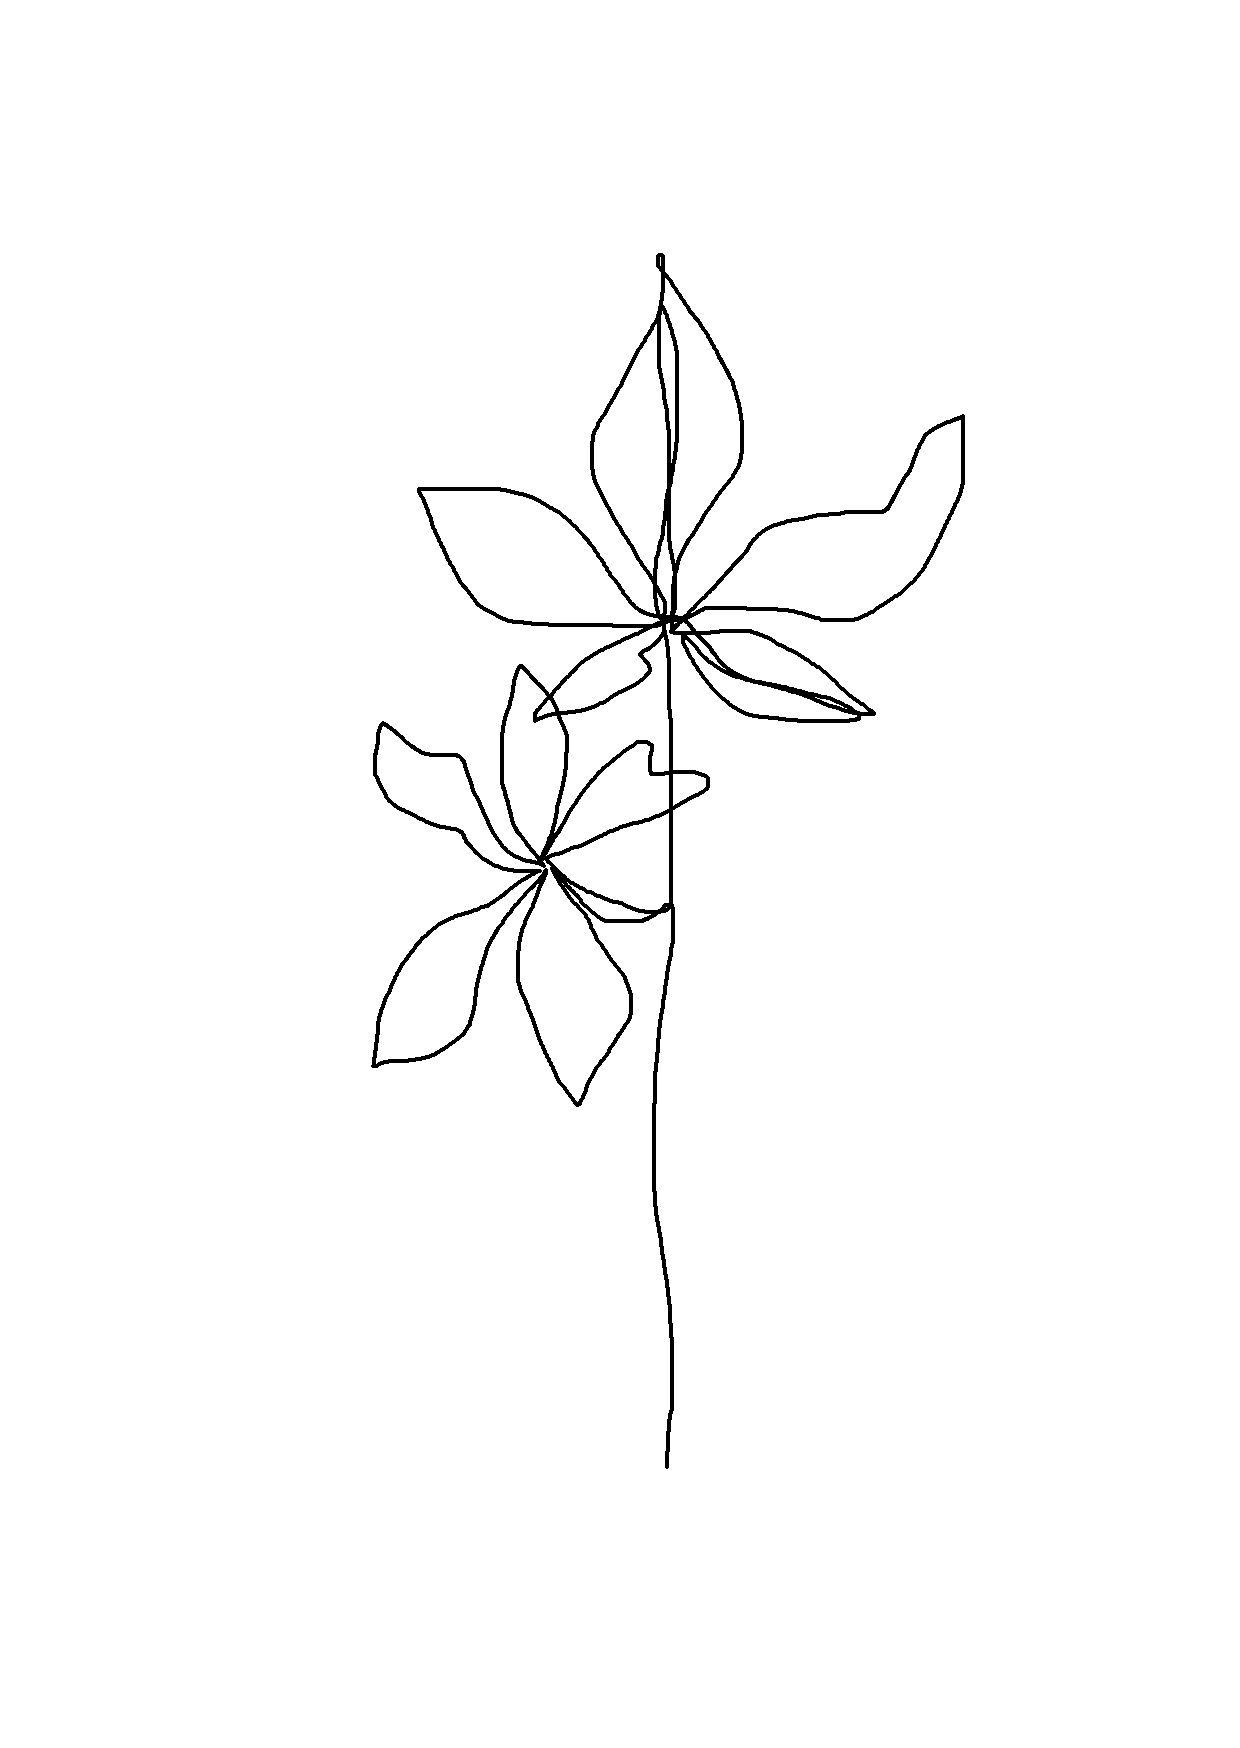 Single Line Drawing Flowers : One line minimal artwork plants and leaves minimalist